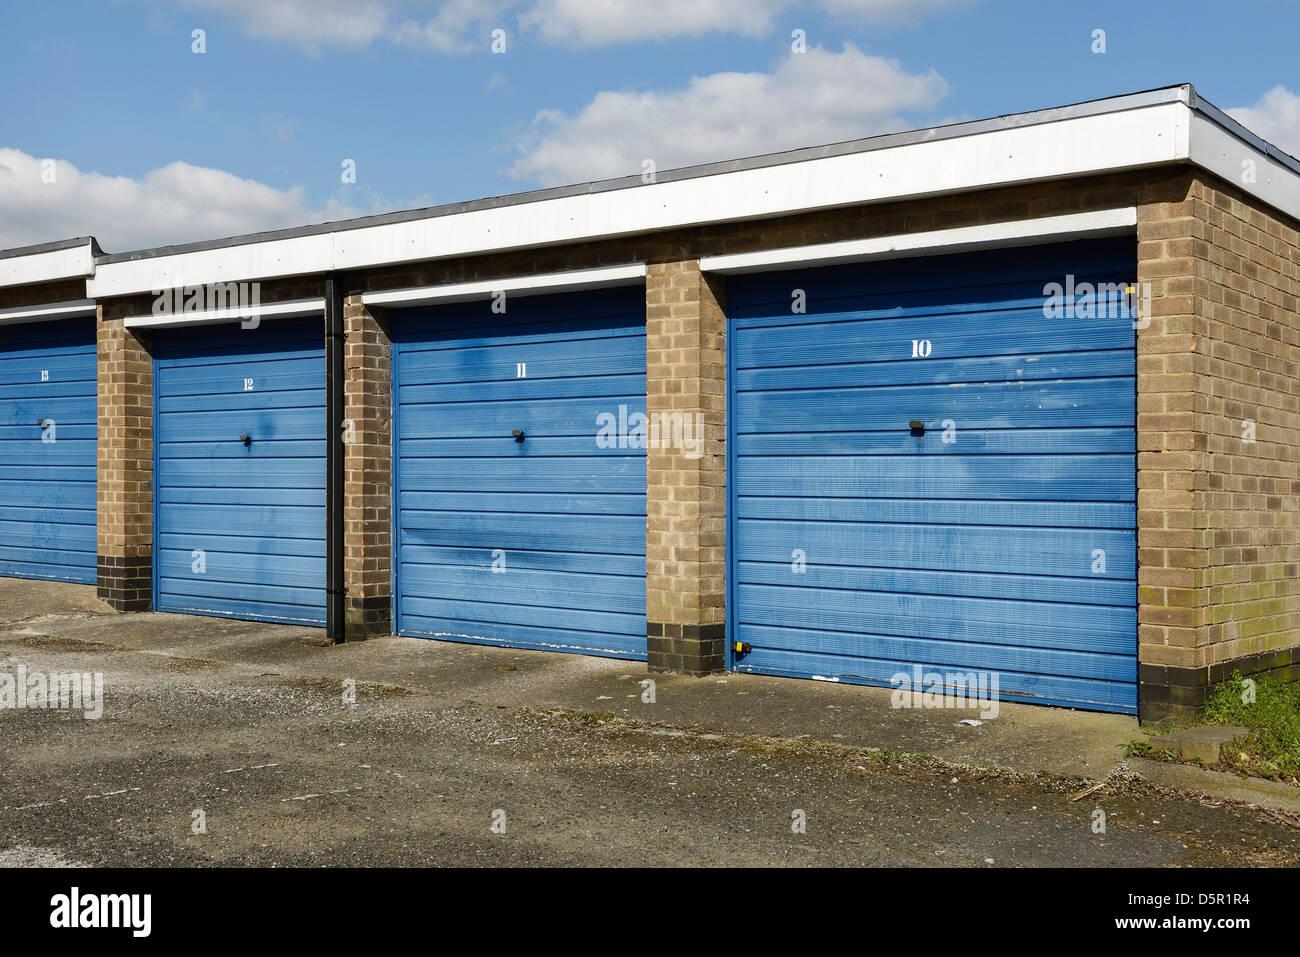 Fila de garajes individuales con puertas azules Imagen De Stock